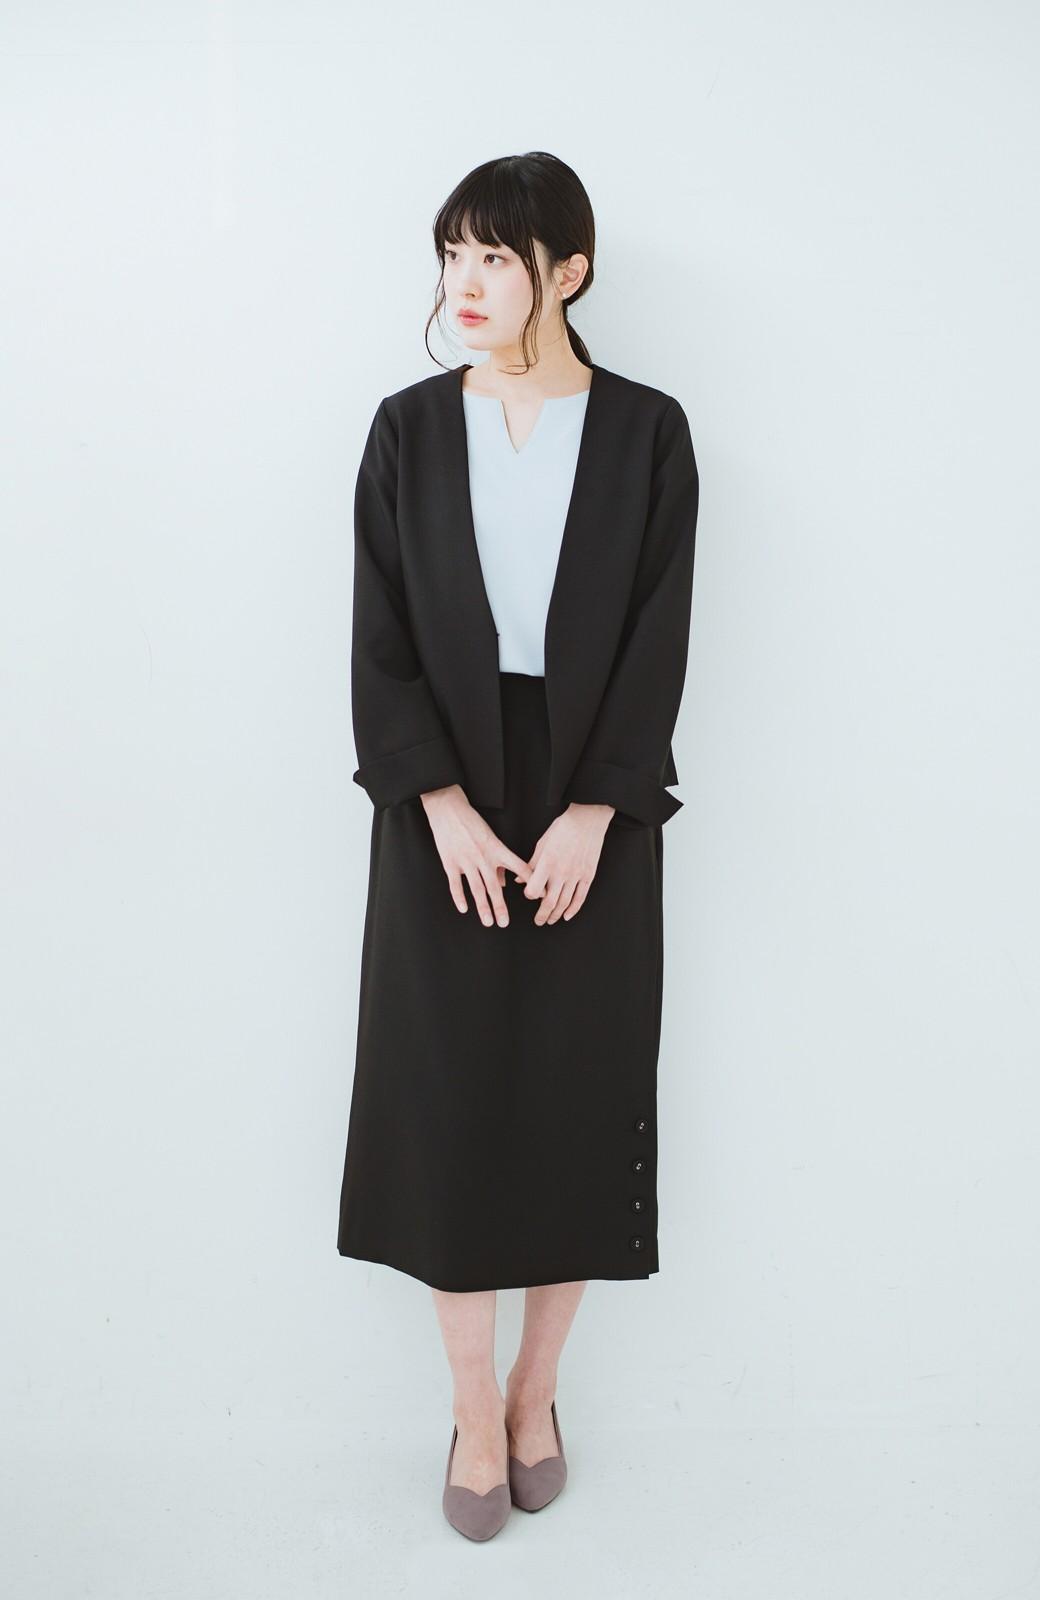 haco! 持っていると便利な野暮ったくならないフォーマルジャケット・スカートの2点セット <ブラック>の商品写真6